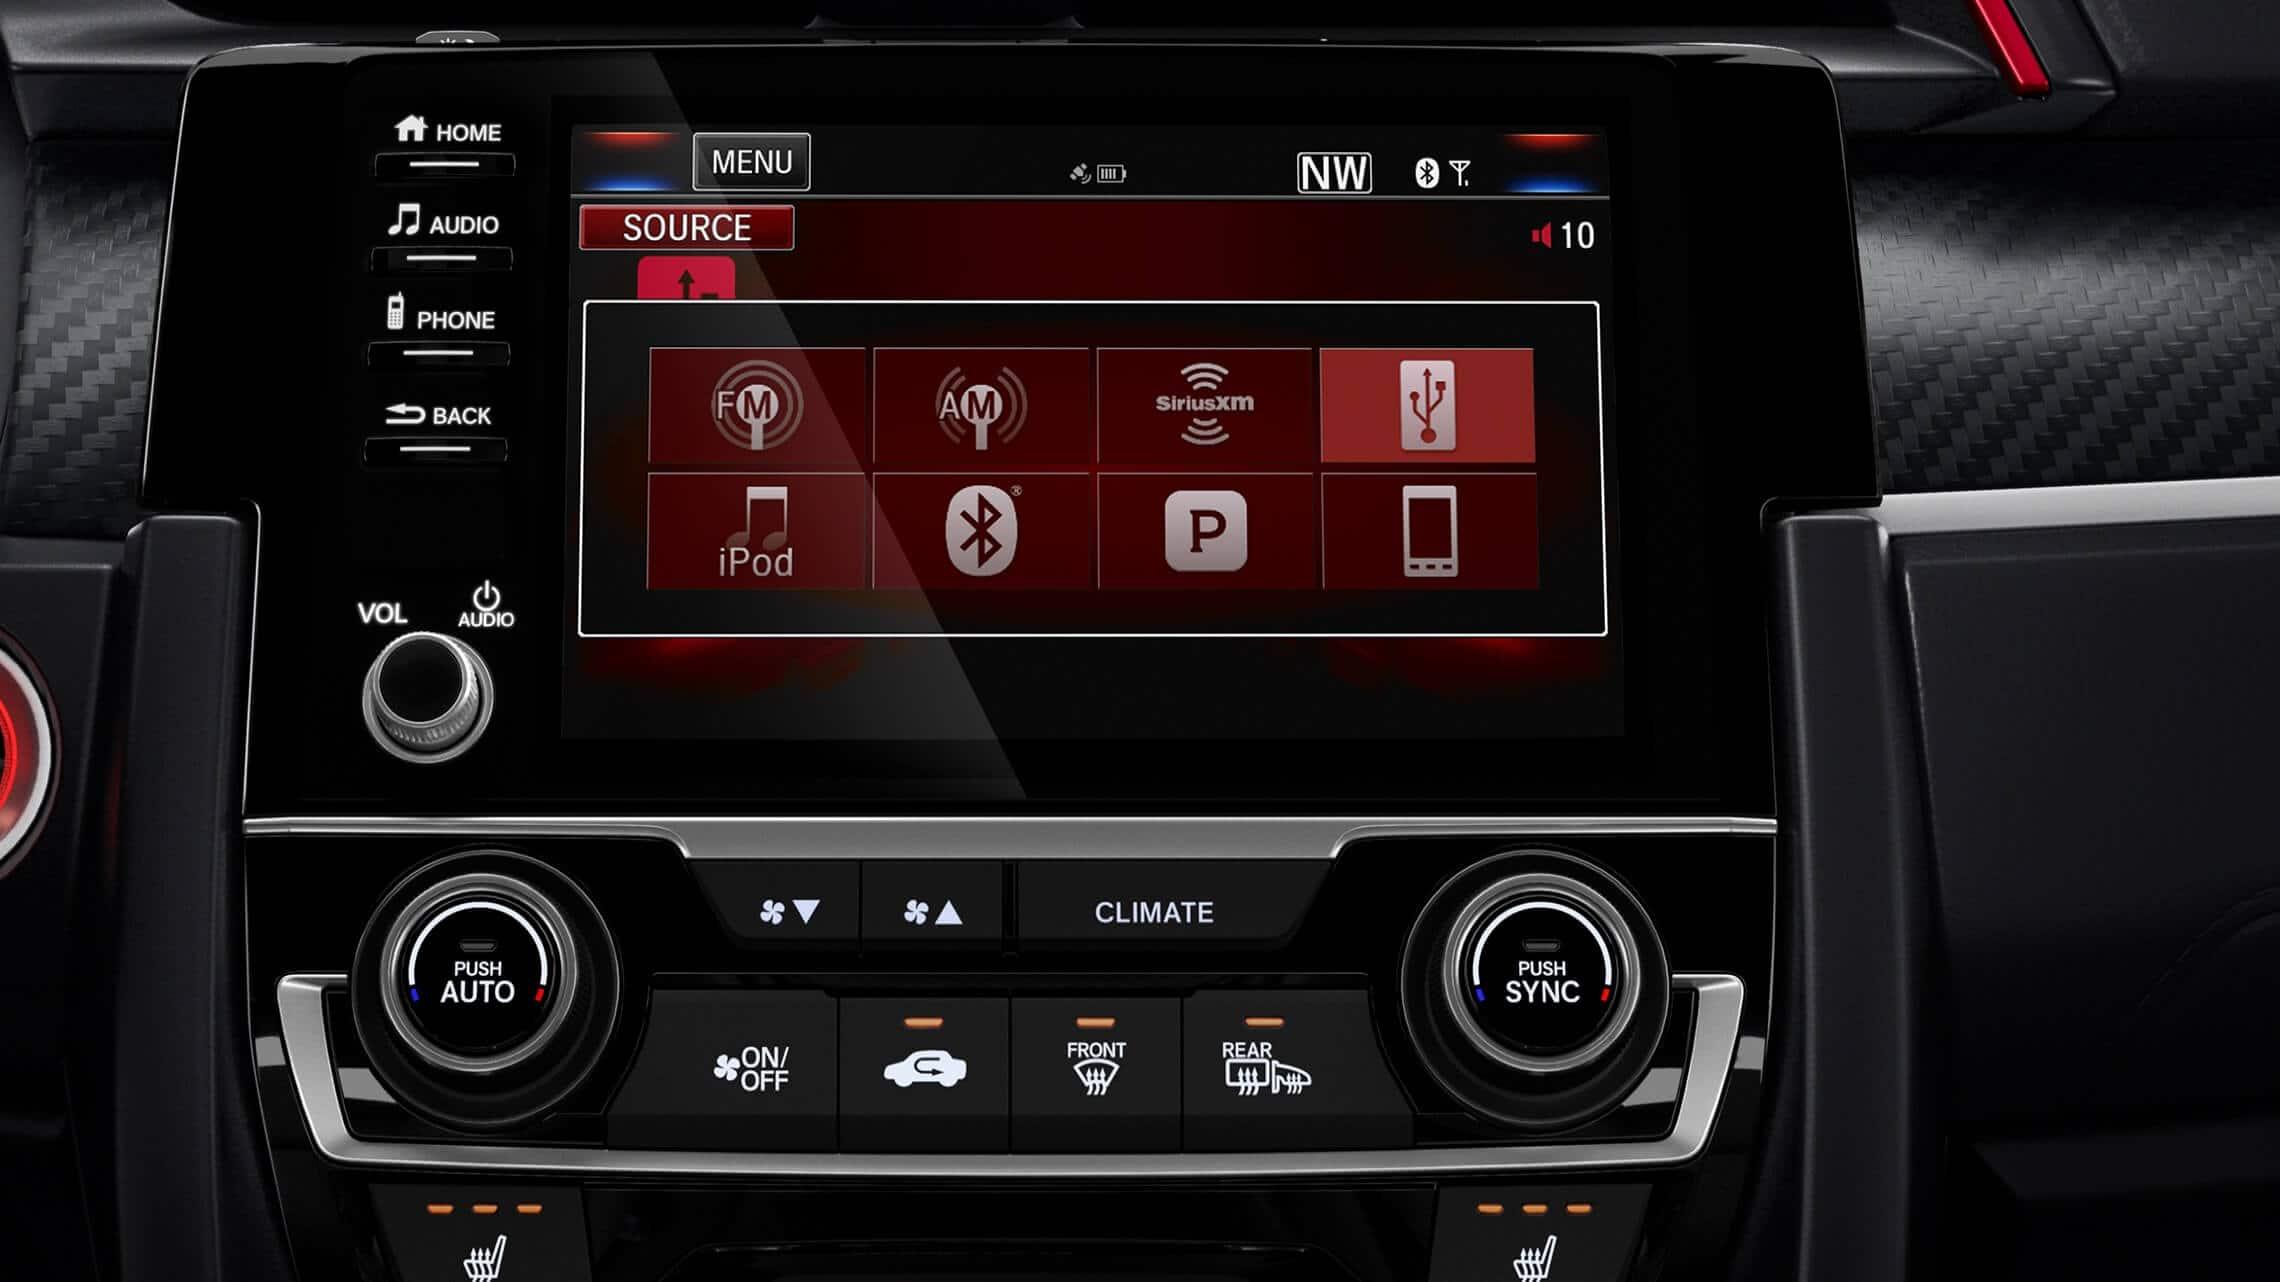 Detalle de la pantalla táctil del sistema de audio en el Honda Civic Si Coupé2020.